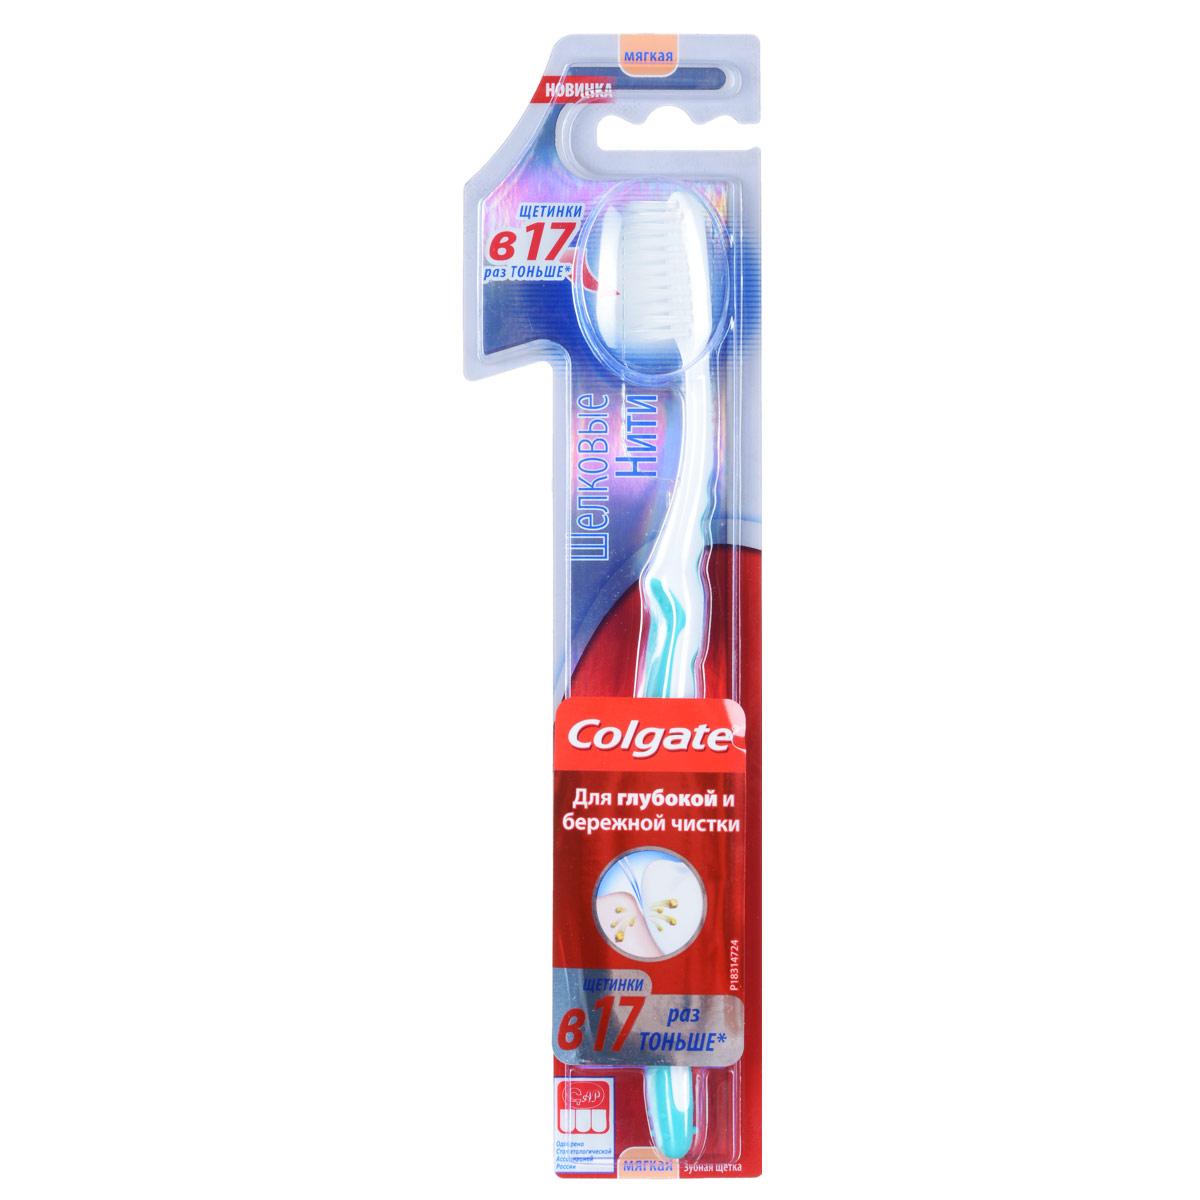 Colgate Зубная щетка Шелковые нити, с мягкой щетиной, цвет: зеленыйFCN21701_зеленыйColgate Шелковые нити - зубная щетка с мягкой щетиной. Специально разработанные щетинки зубной щетки в 17 раз тоньше и лучше удаляют зубной налет, остатки пищи из межзубных промежутков и вдоль линии десен. Эргономичная рифленая ручка не скользит в ладони, амортизирует давление руки на нежную поверхность десен. Материал щетки: пластик. Товар сертифицирован.